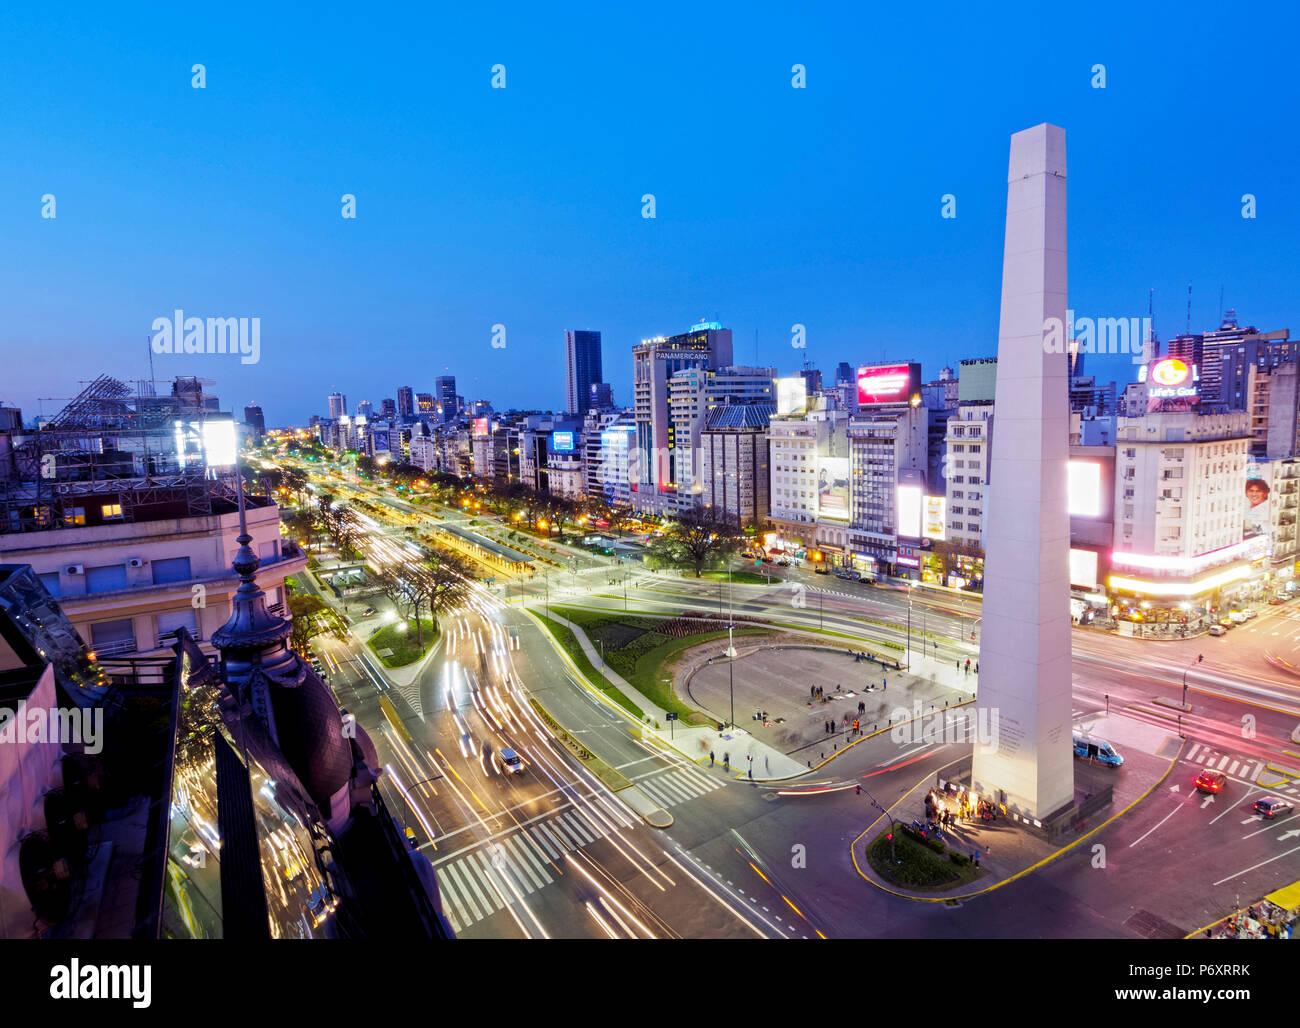 Argentina, Provincia di Buenos Aires, la città di Buenos Aires, crepuscolo vista di 9 de Julio, Plaza de la Republica e Obelisco de Buenos Aires. Immagini Stock